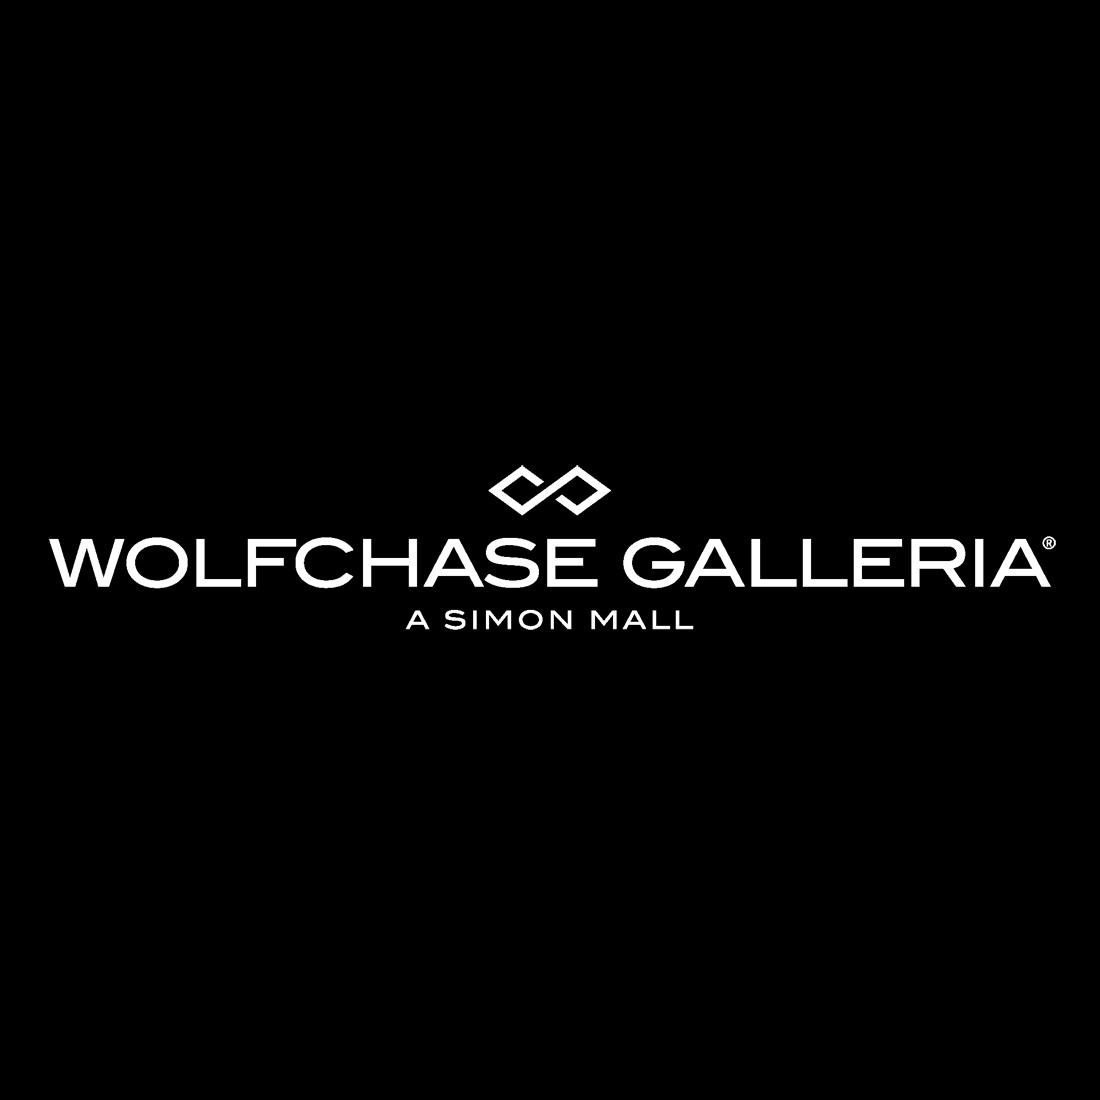 Wolfchase Galleria